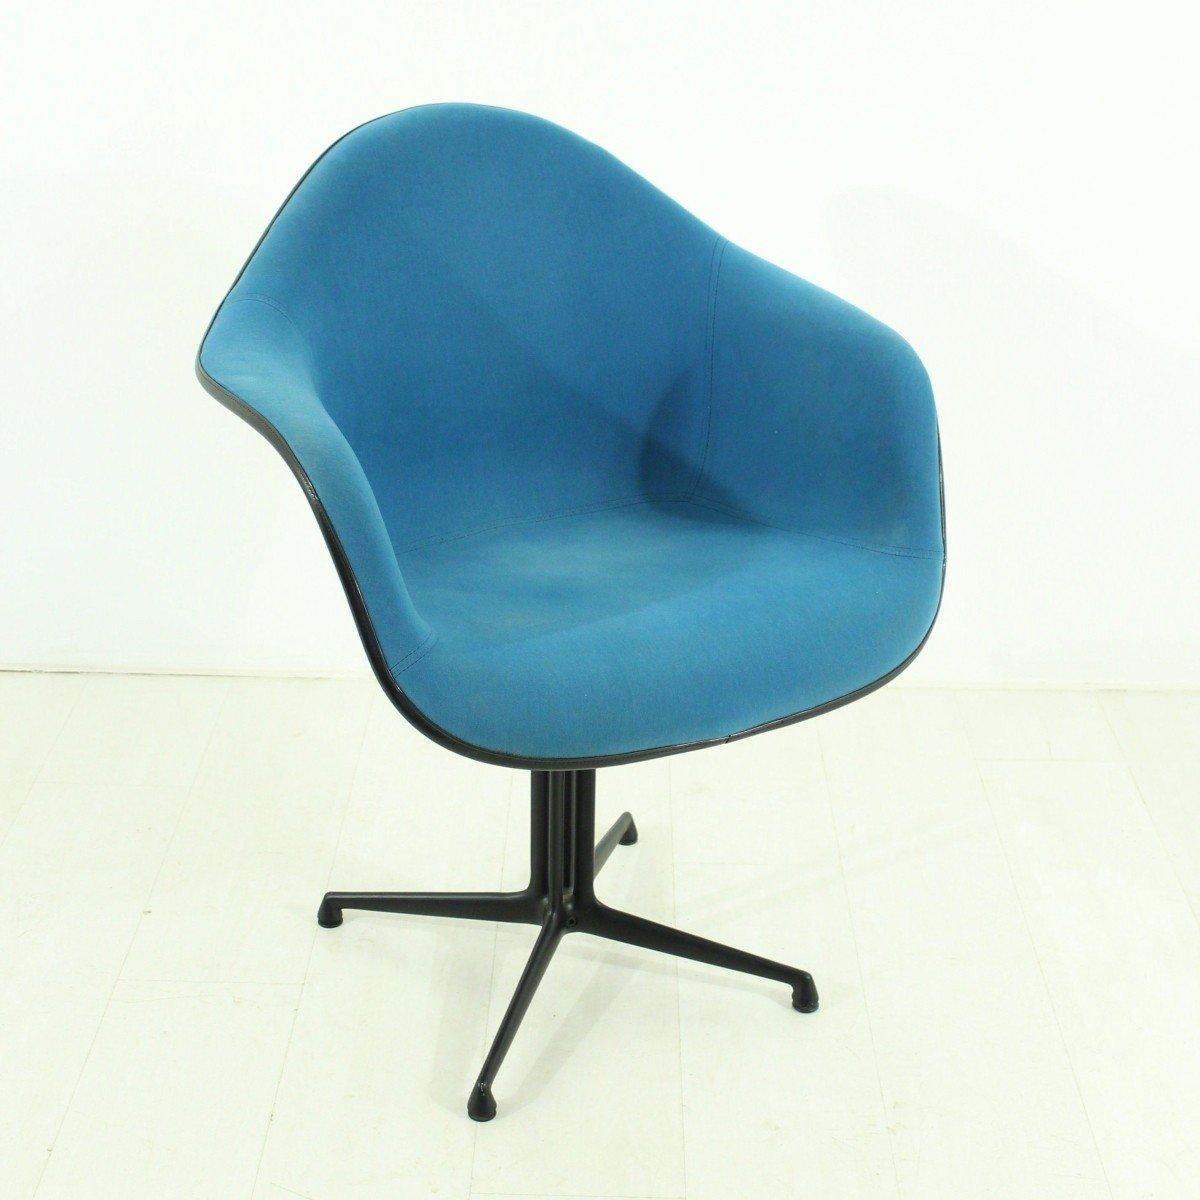 Chaise vintage bleue la fonda par charles ray eames pour for Vitra eames prix